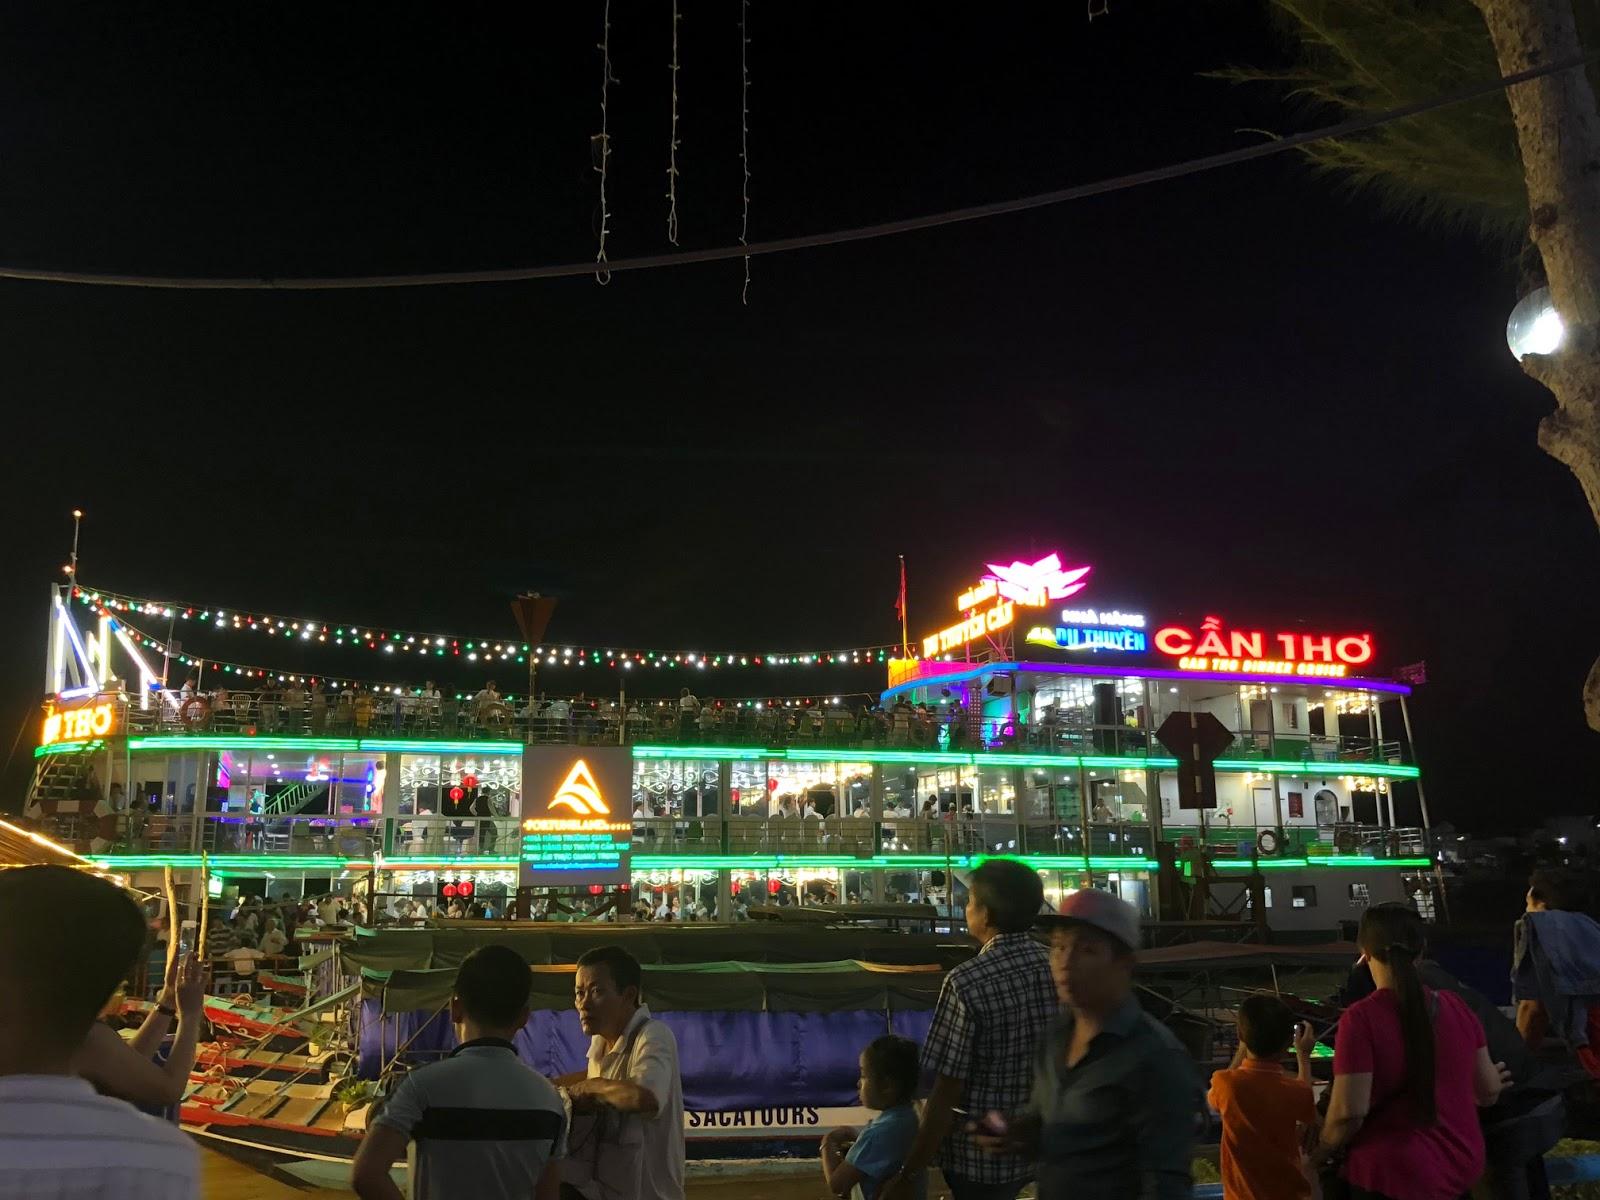 Du thuyền bến Ninh Kiều - tour Cần Thơ Đồng Tháp